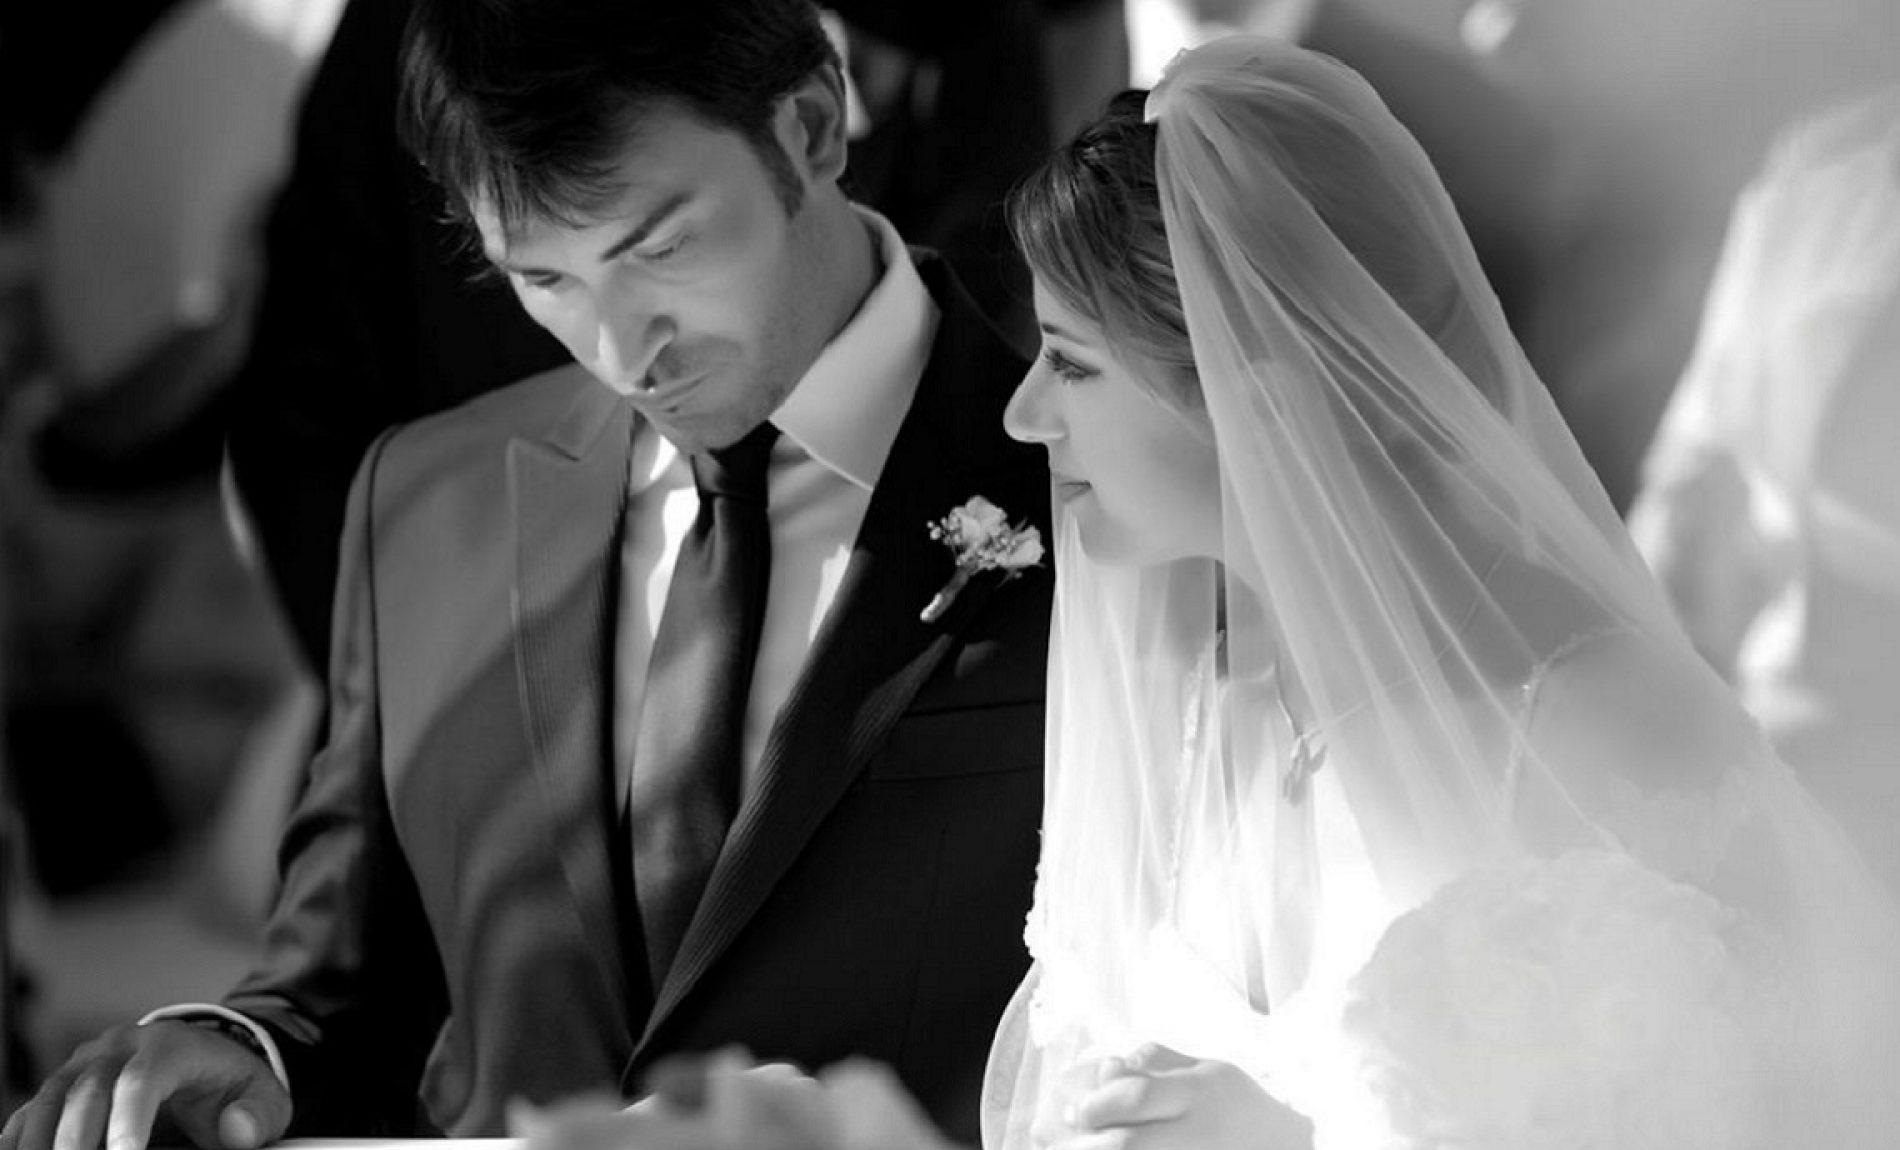 L'ansia da matrimonio: consigli utili su come affrontarla